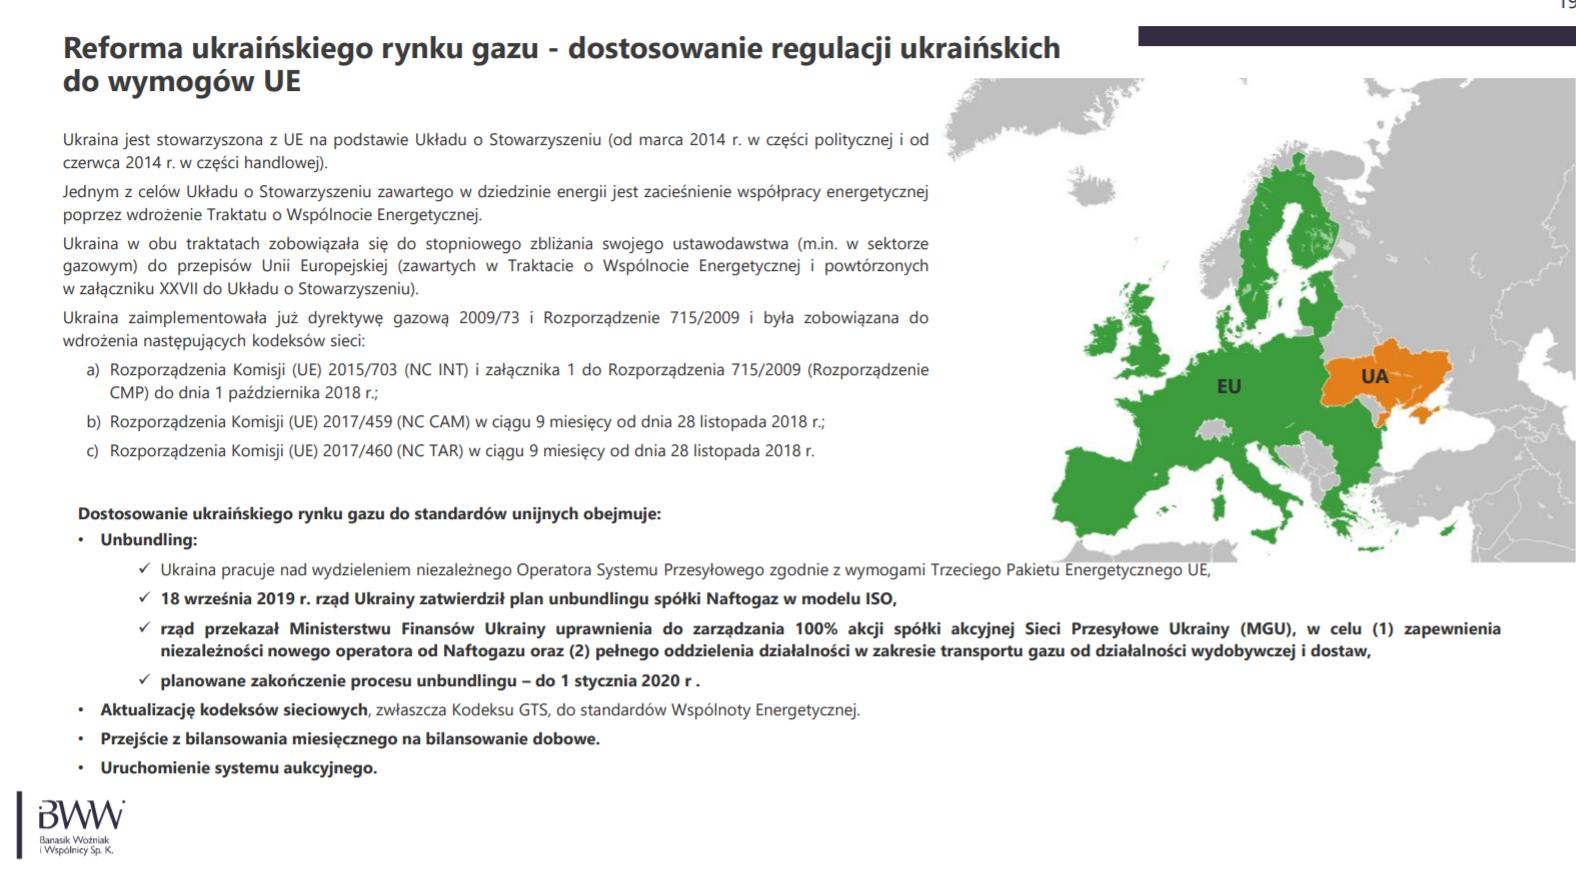 Reforma gazowa na Ukrainie. Grafika: Kancelaria BWW